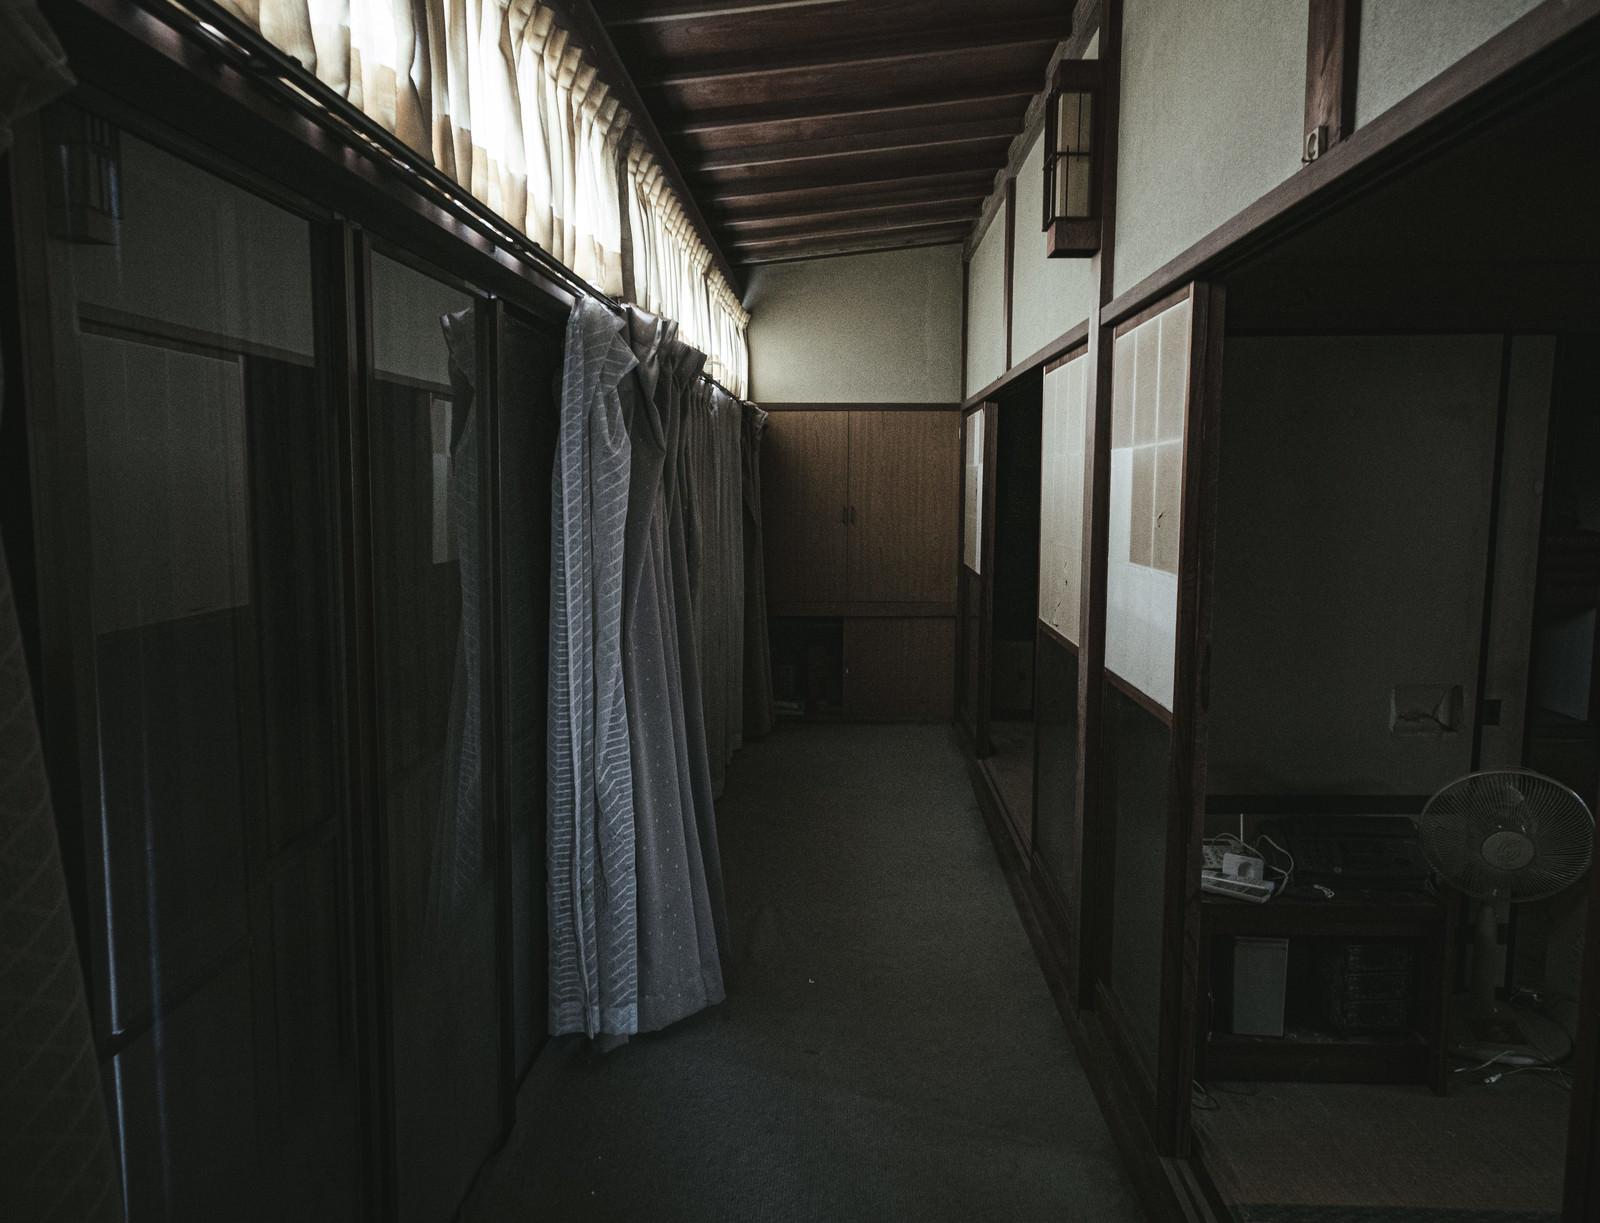 「雨戸が閉まった空き家の朝」の写真